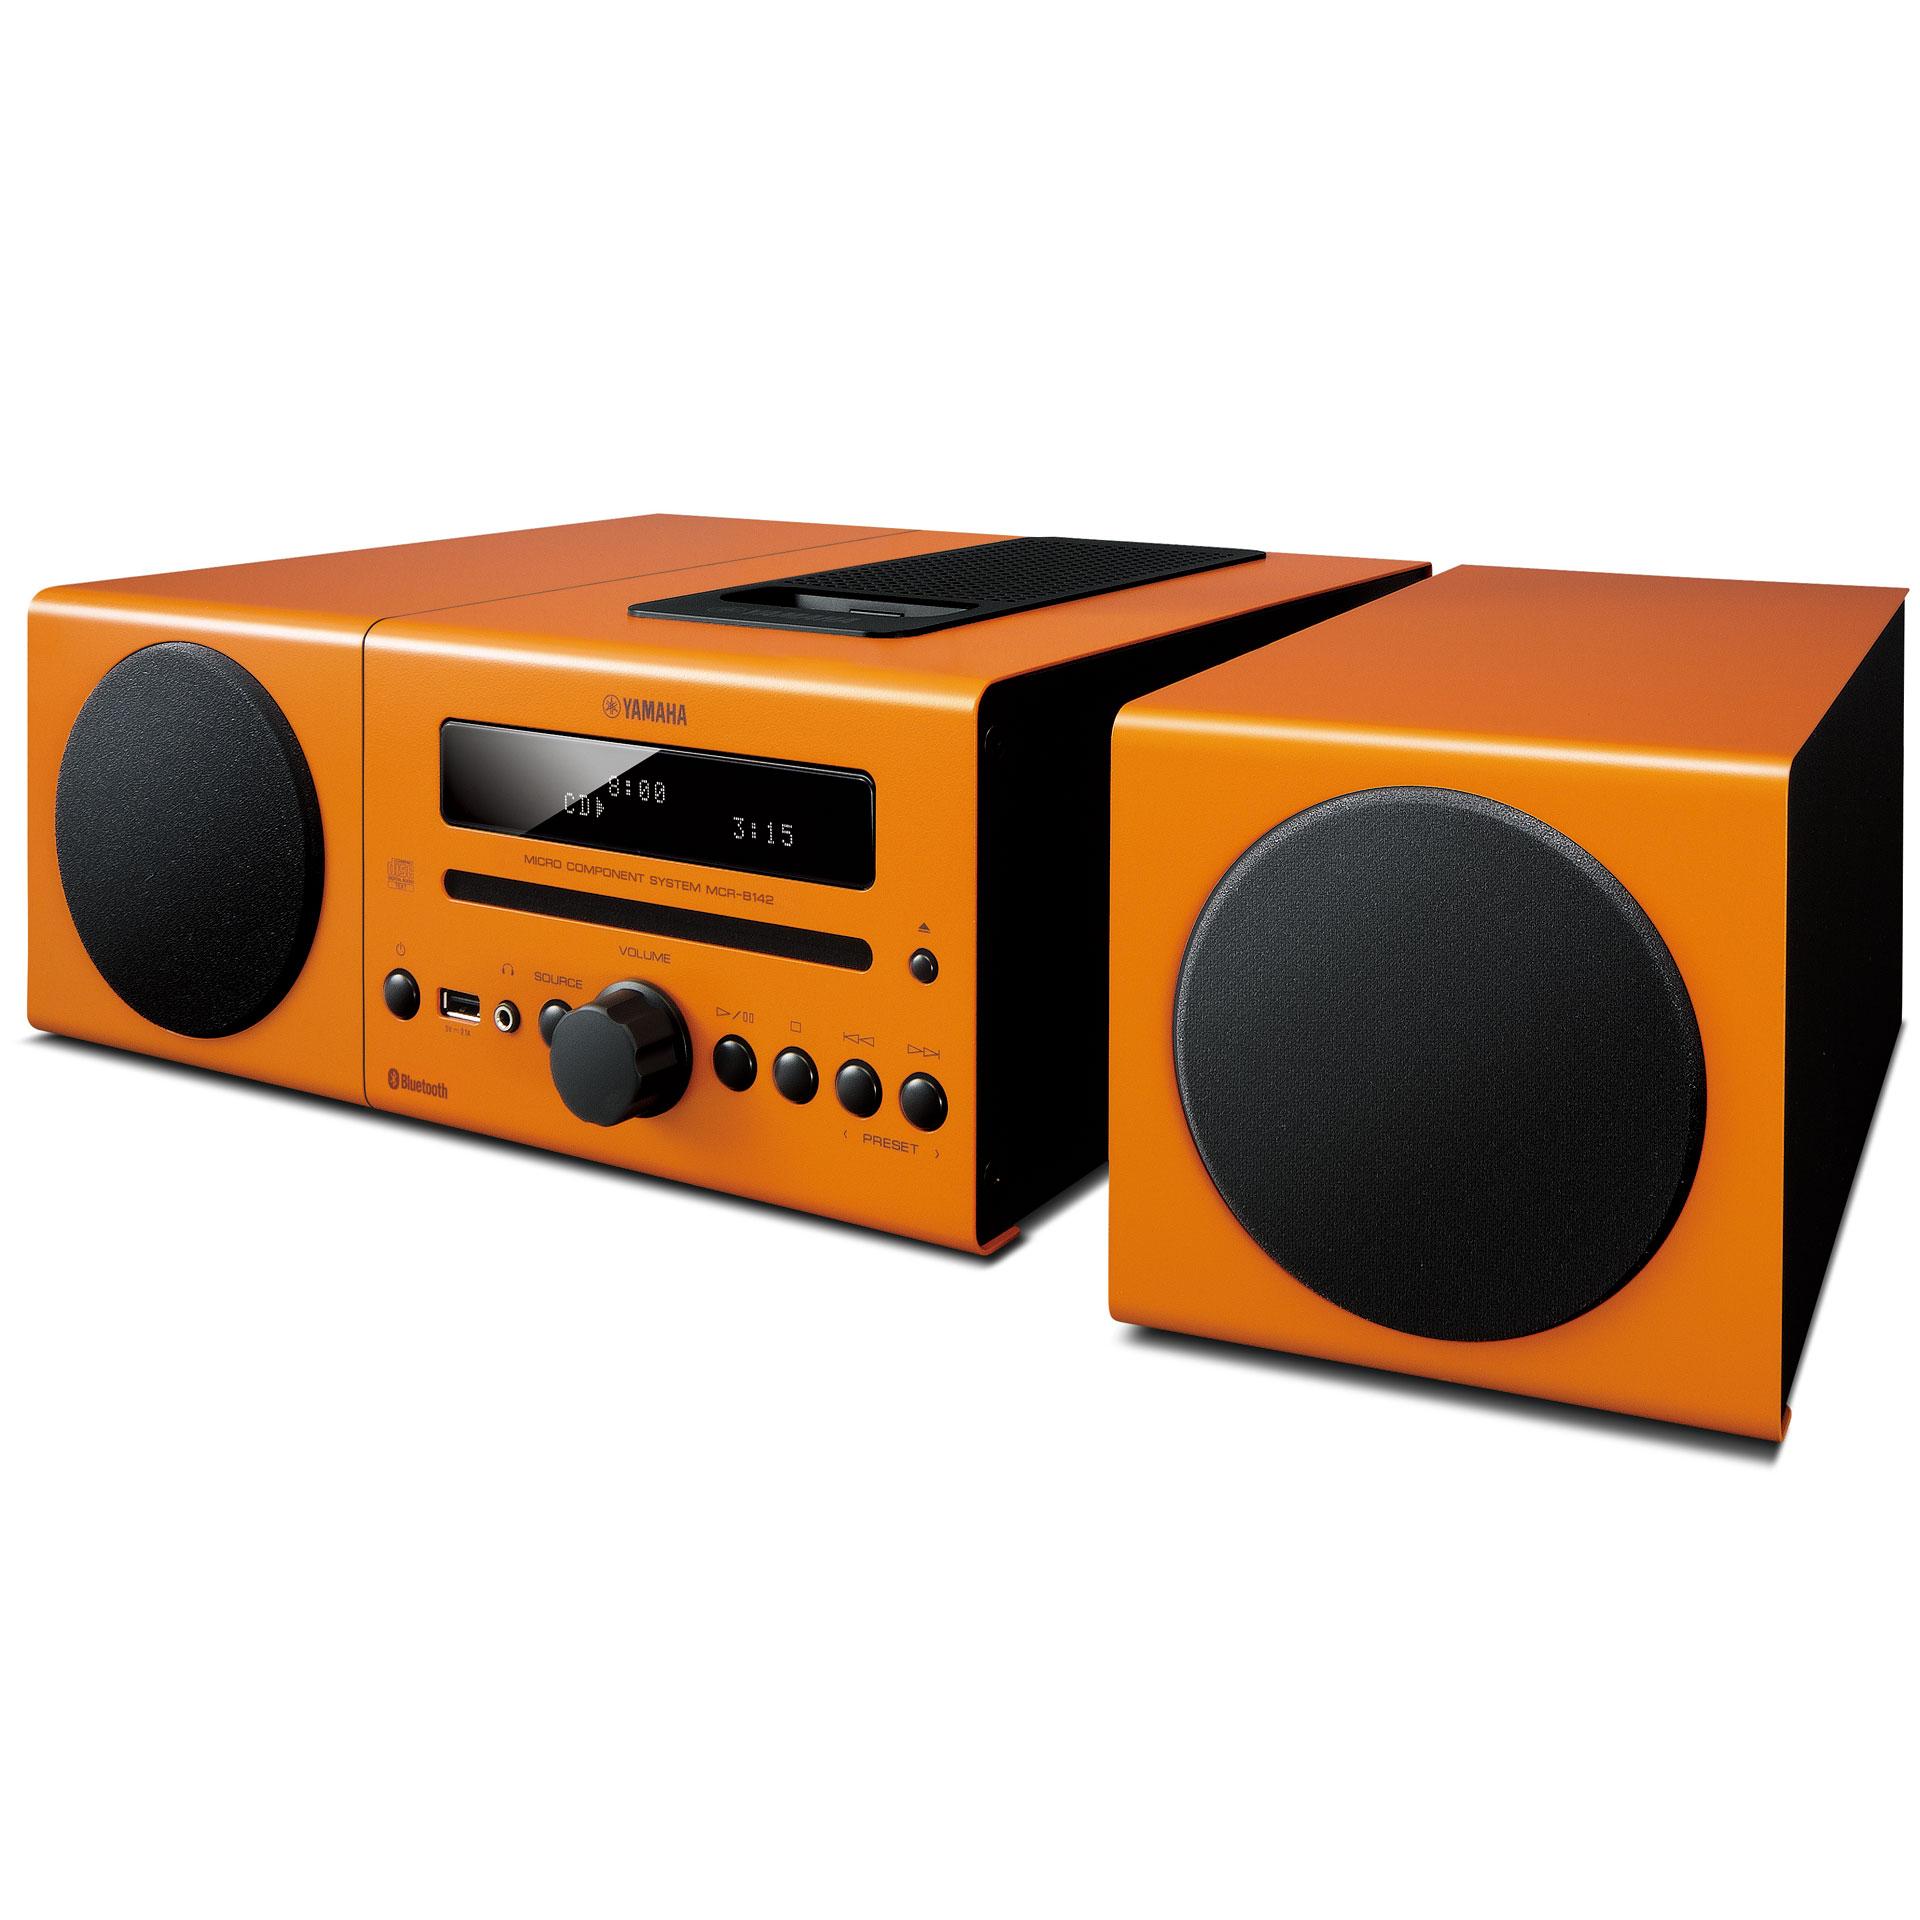 写真を拡大する - MCR-B142 - システムコンポ - ヤマハ株式会社 Yamaha Audio